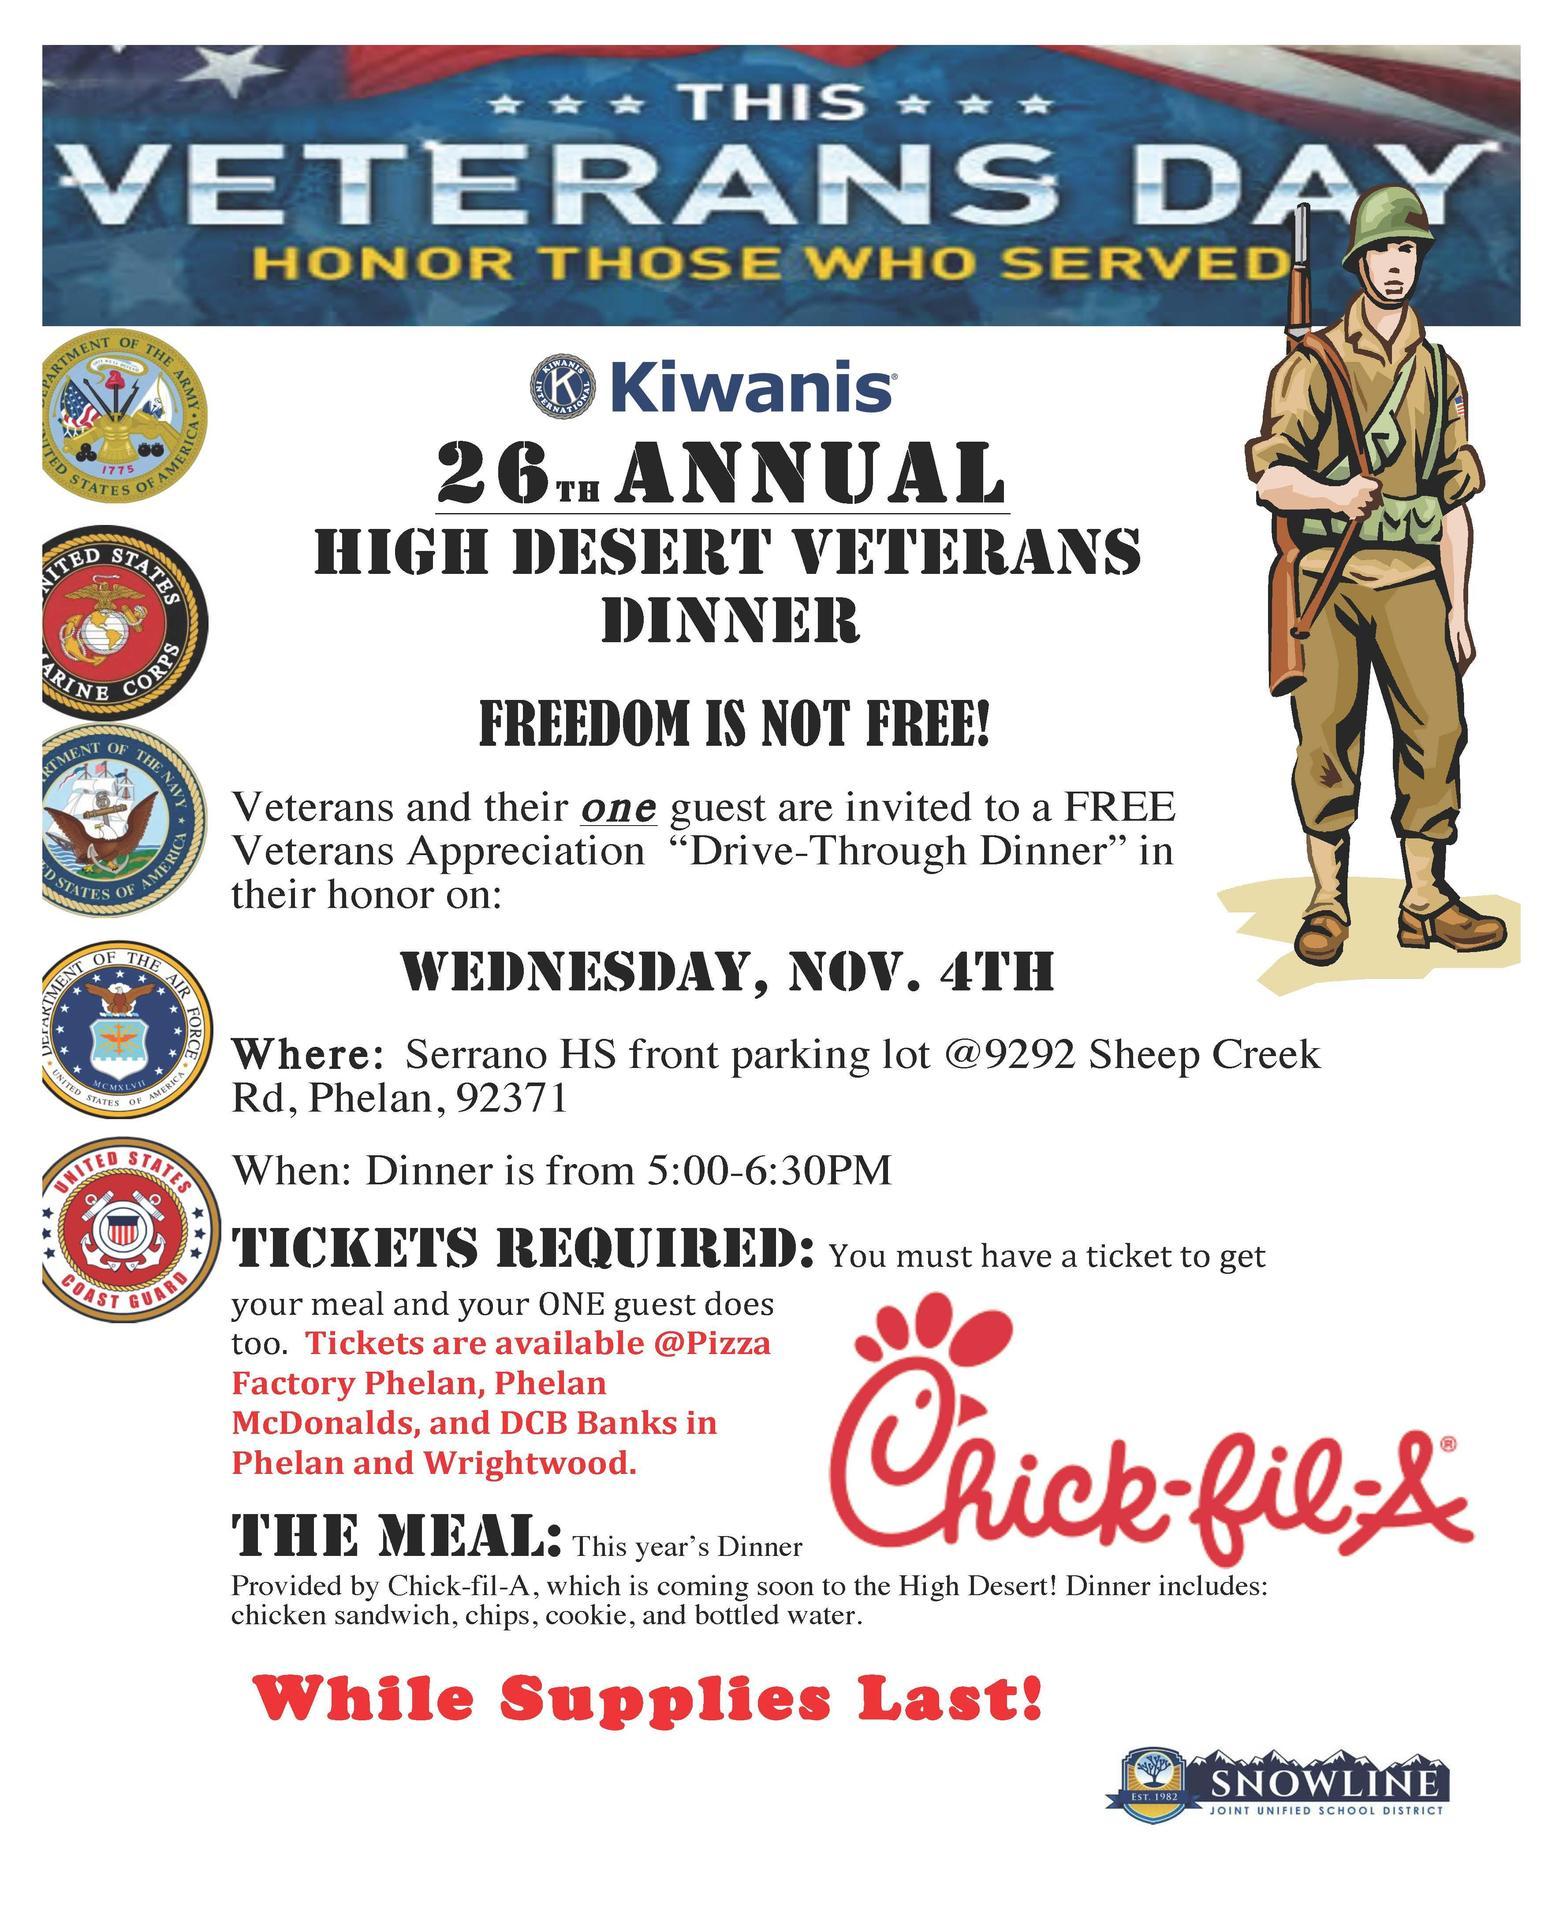 Veterans Day Dinner Flyer